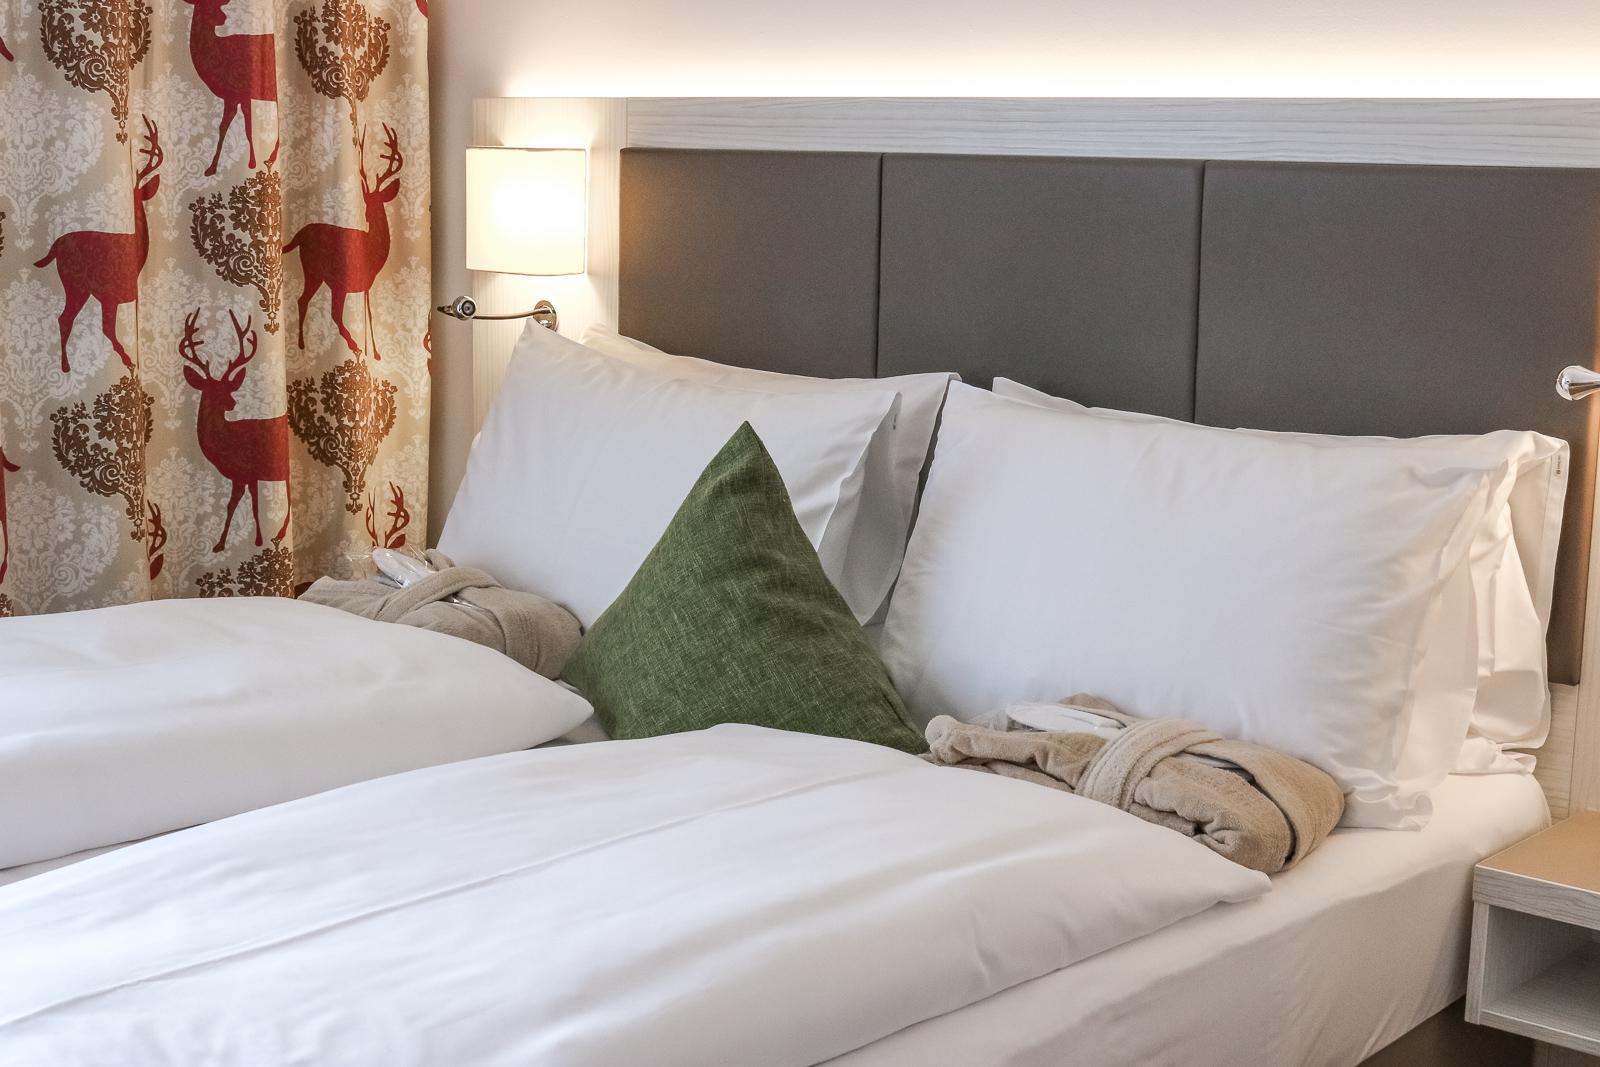 Hotel Zeitgeist Vienna Hotel Review - Hotelzimmer - Hotel Bewertung - Hotel in Wien in bester Lage - Hotel am Wiener Hauptbahnhof - Blogger Hotel Kooperation -Fashionladyloves by Tamara Wagner - Reiseblog aus Österreich